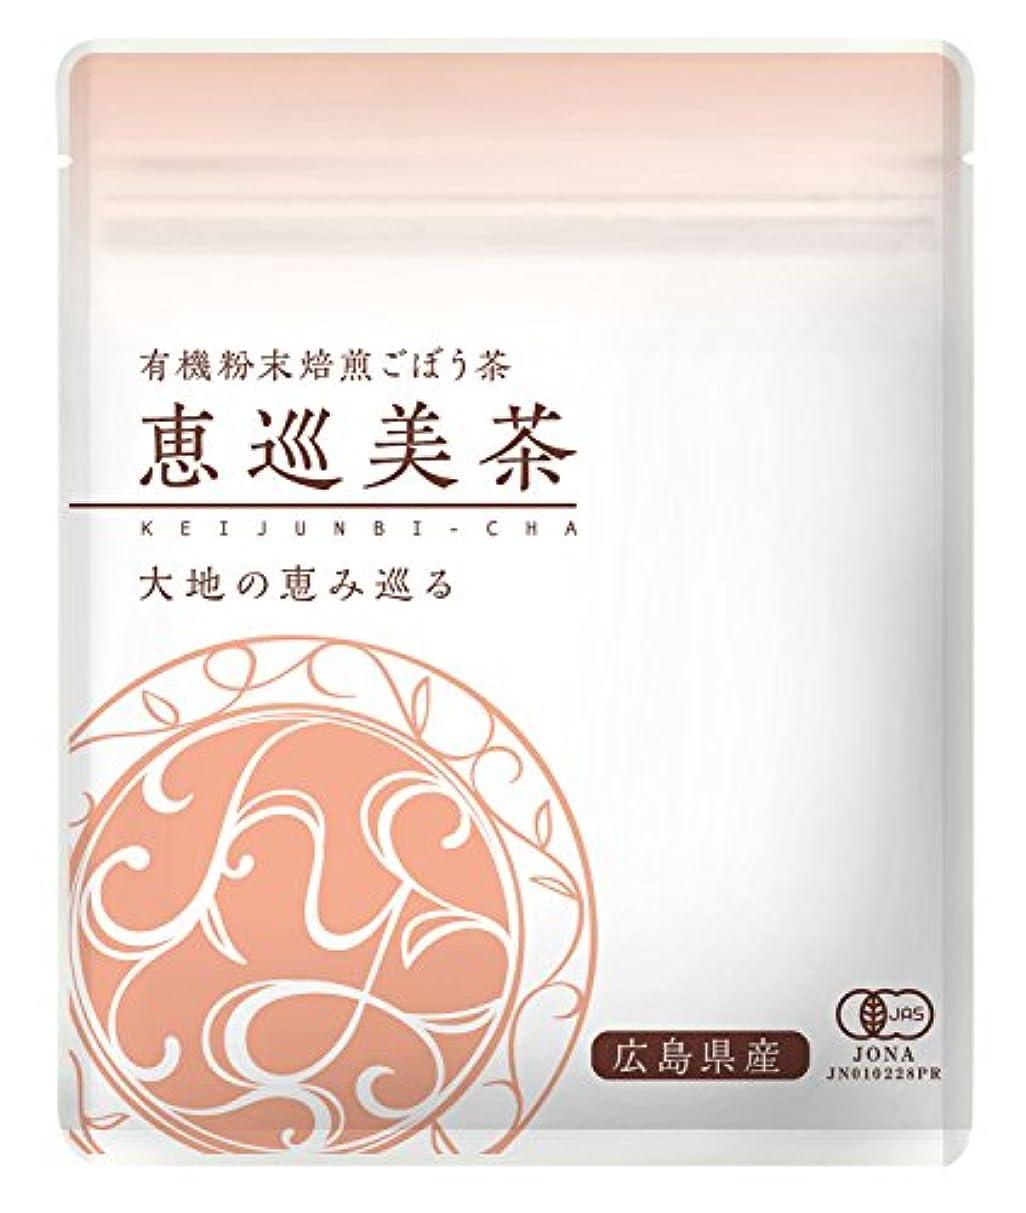 もっともらしい汚染する余裕があるこだま食品 恵巡美茶有機粉末焙煎ごぼう茶 2g×15包 302037009